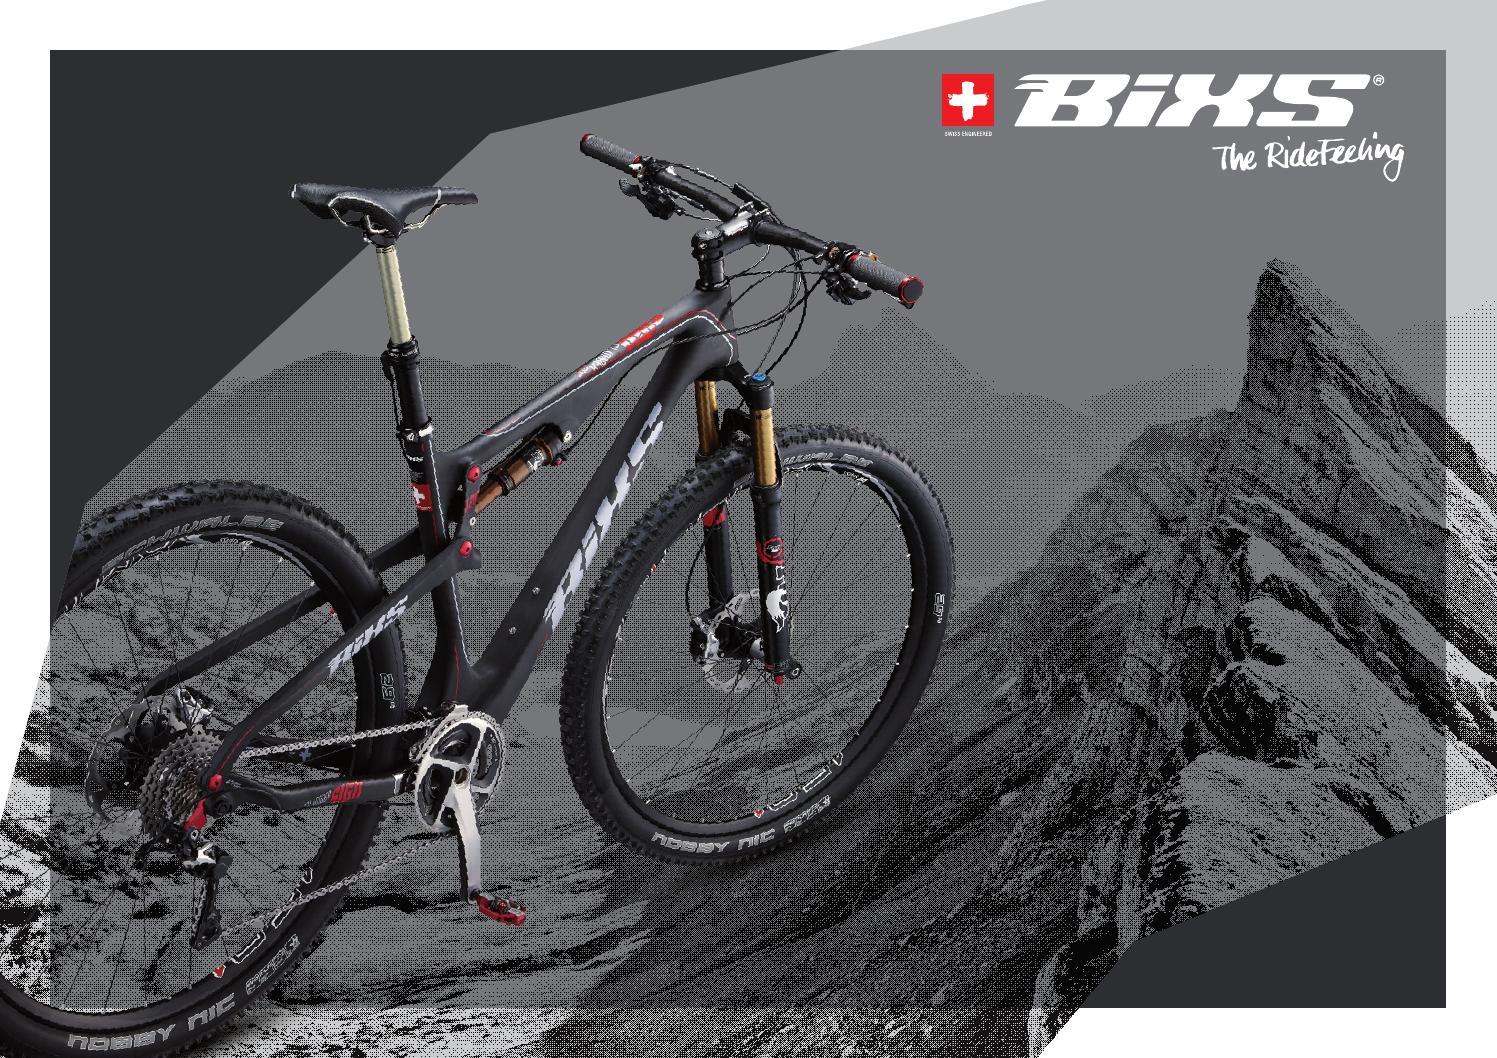 Catalogo Bixs 2014 by BikeMTB.net - issuu